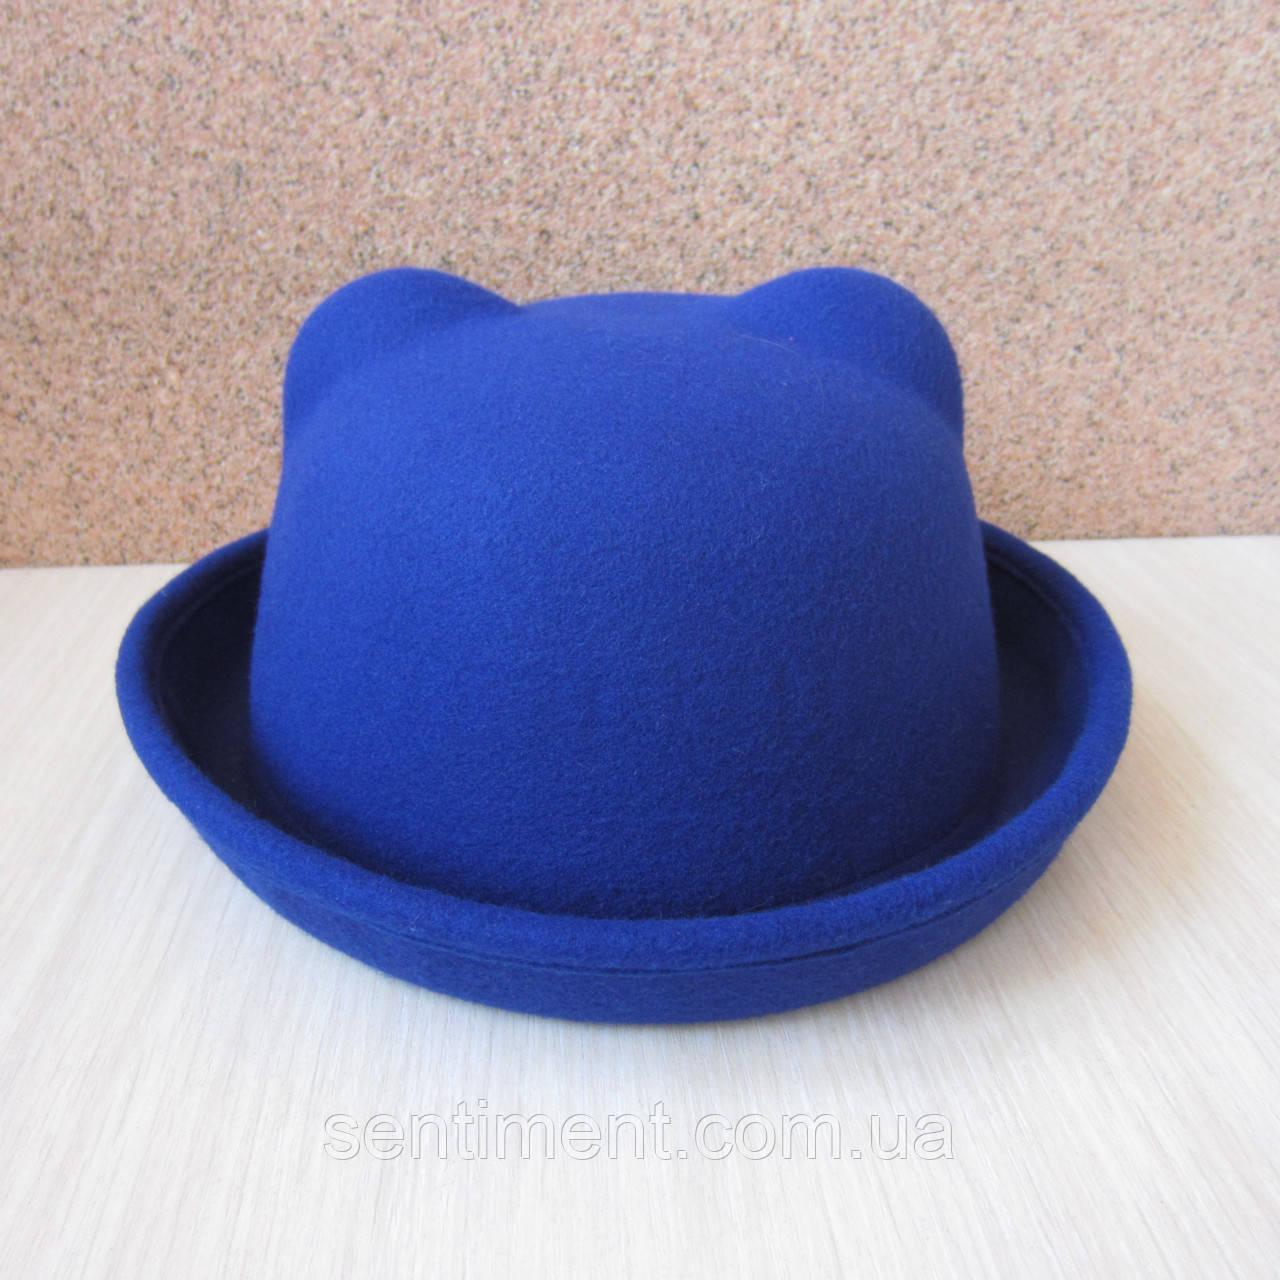 Шляпка фетровая с ушками. Опт и розница.